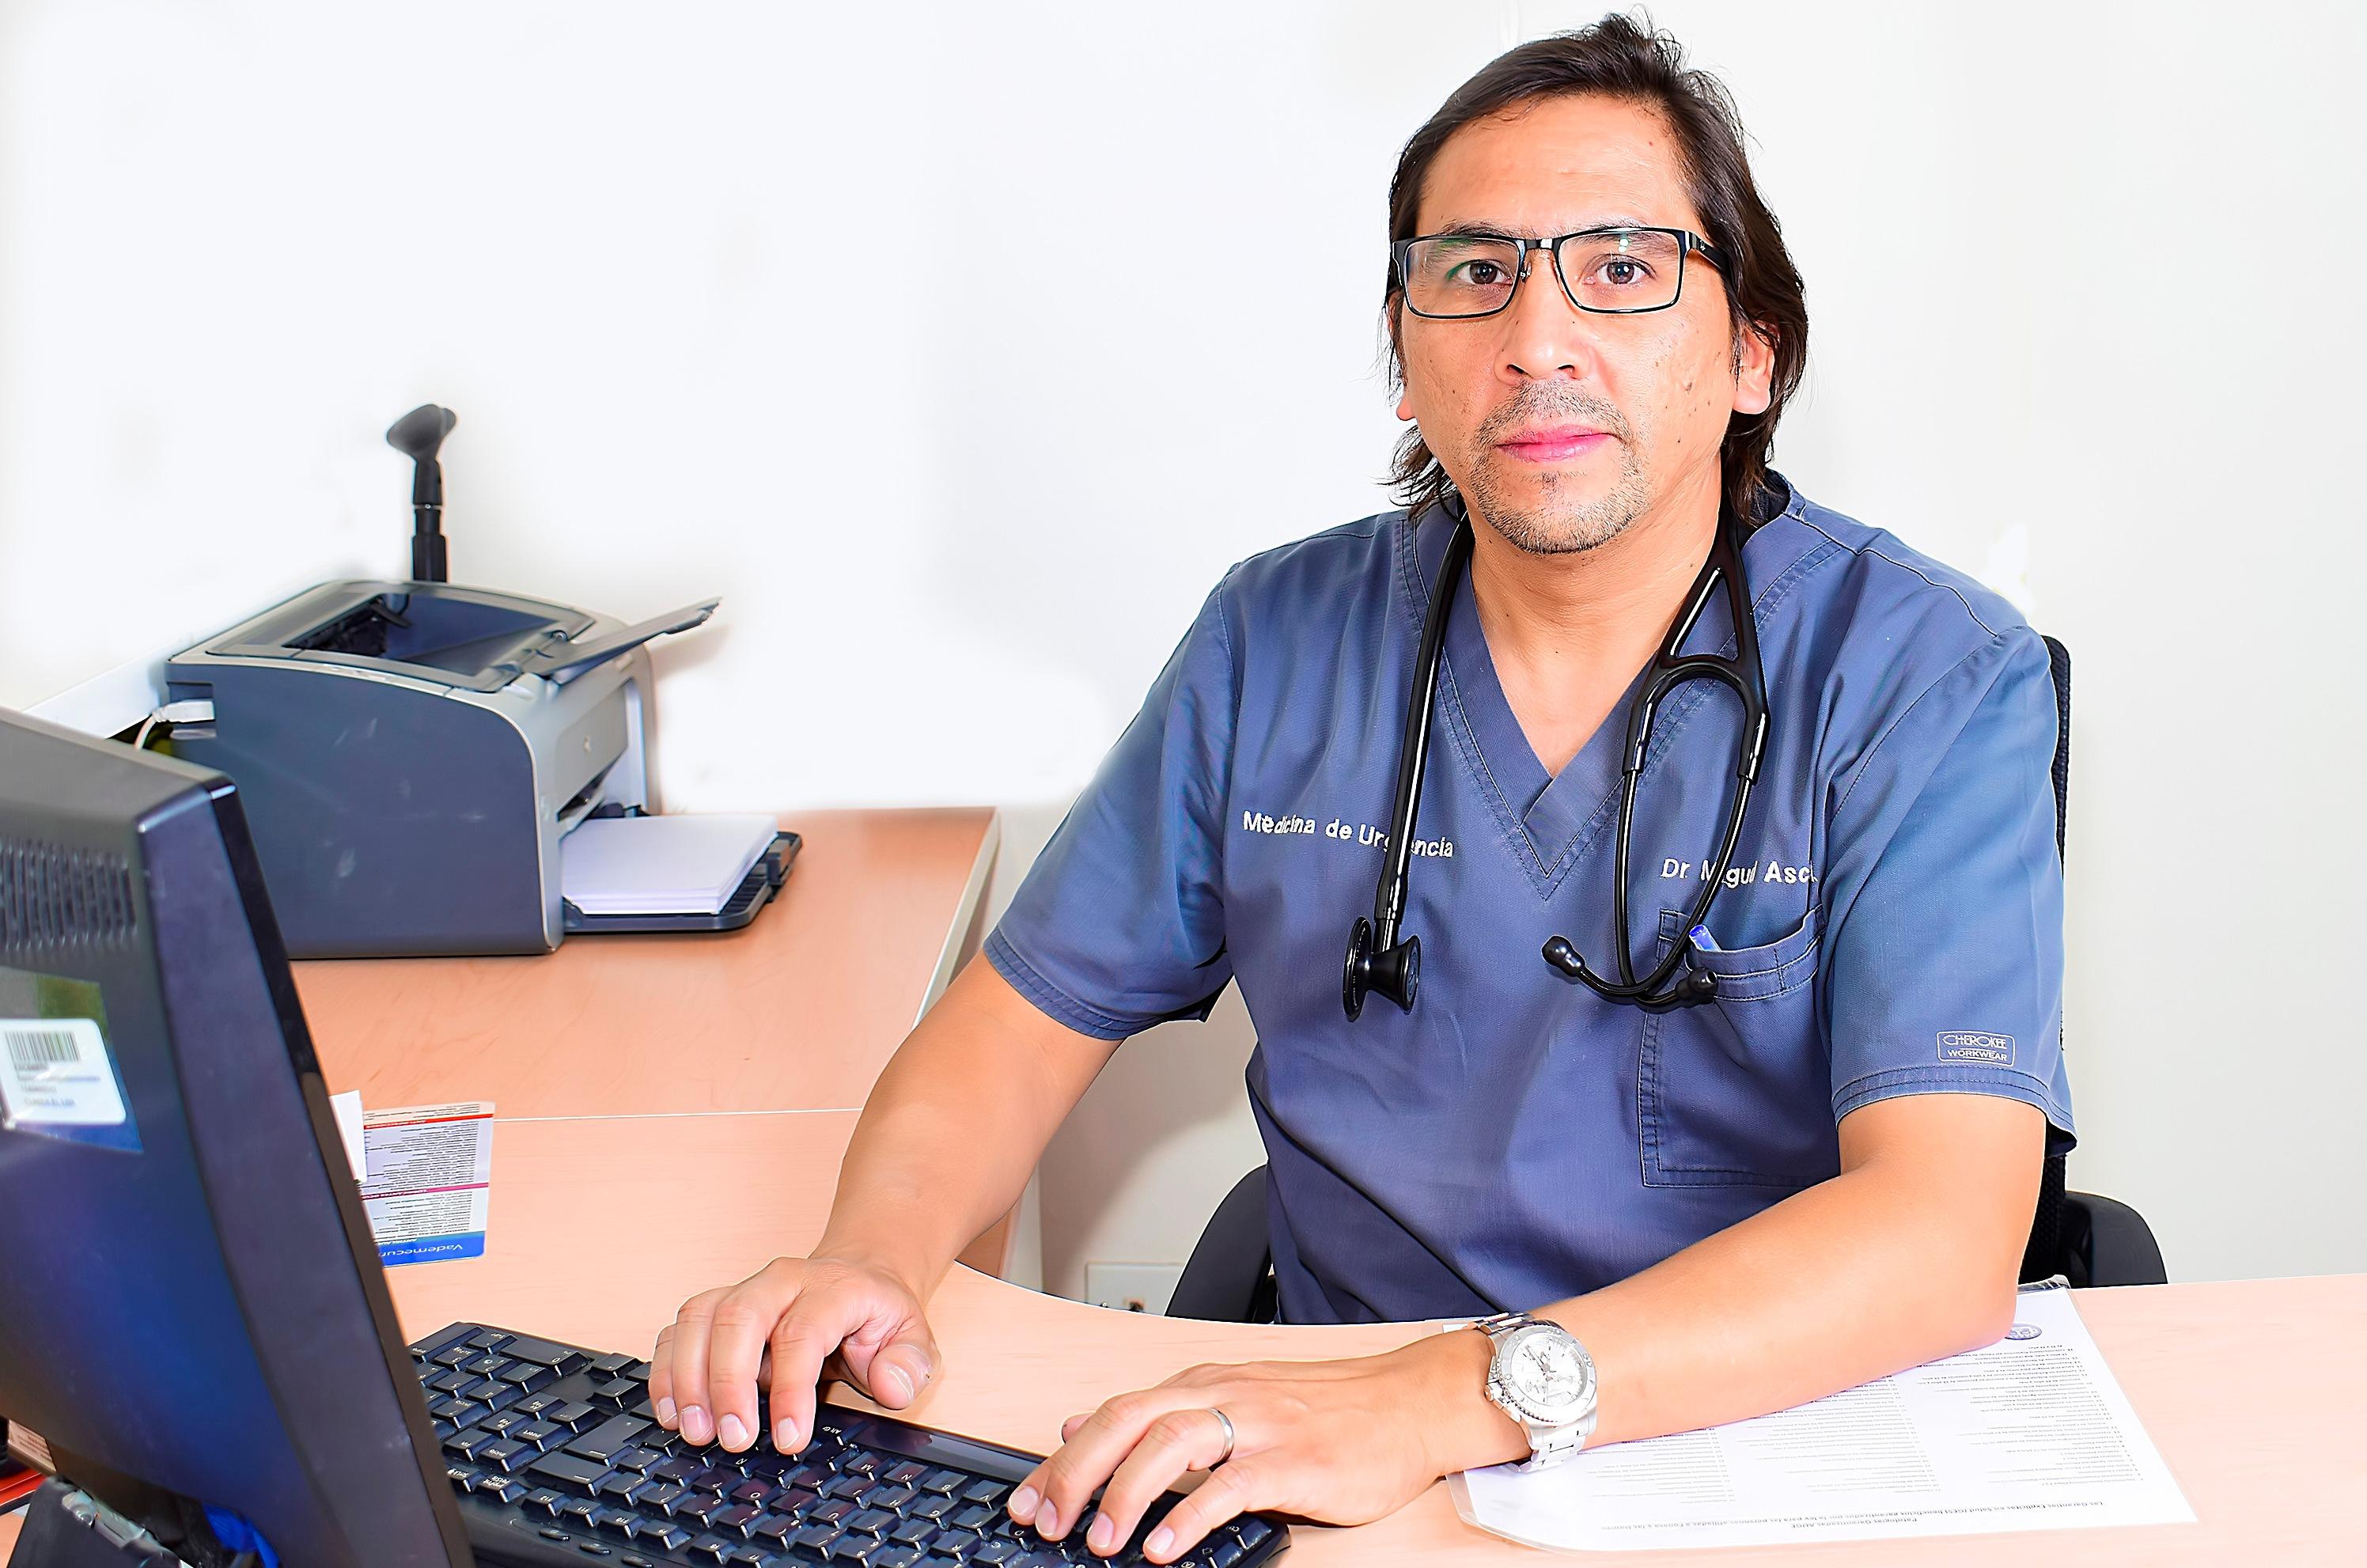 Especialista: Dr. Miguel Ascueta